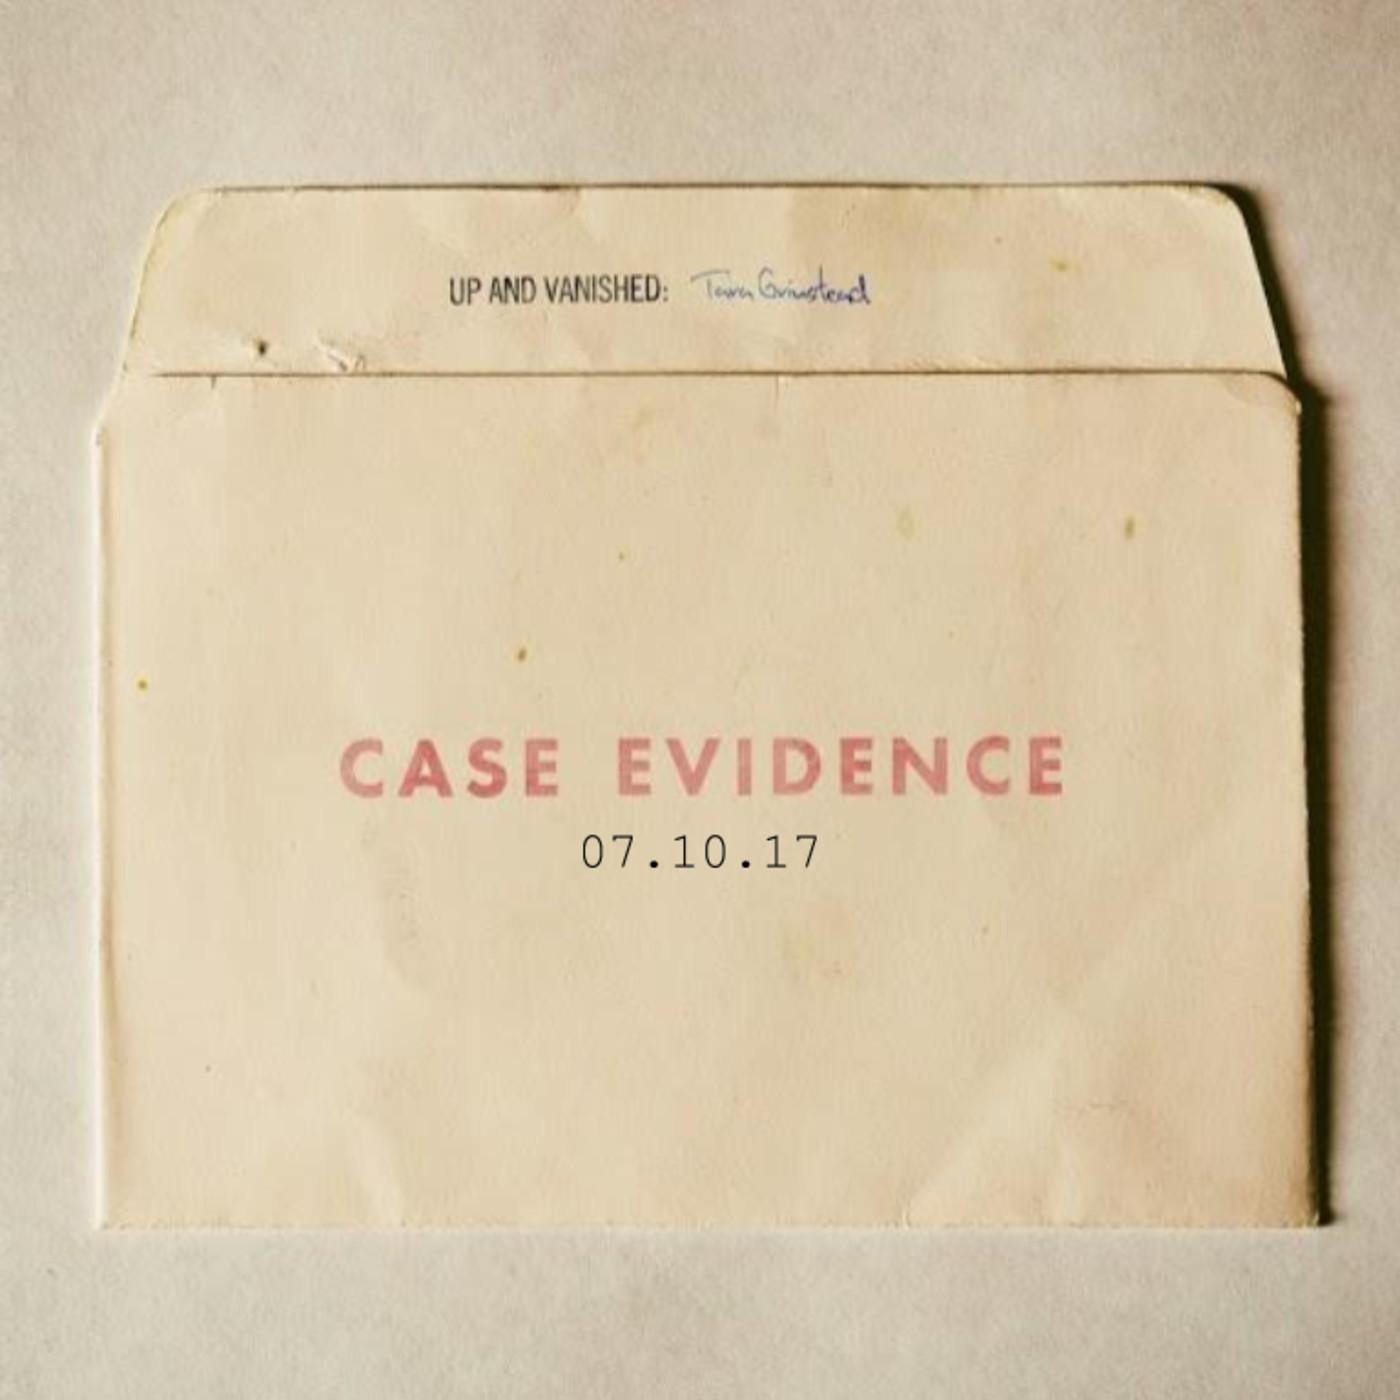 S1E : Case Evidence 07.10.17